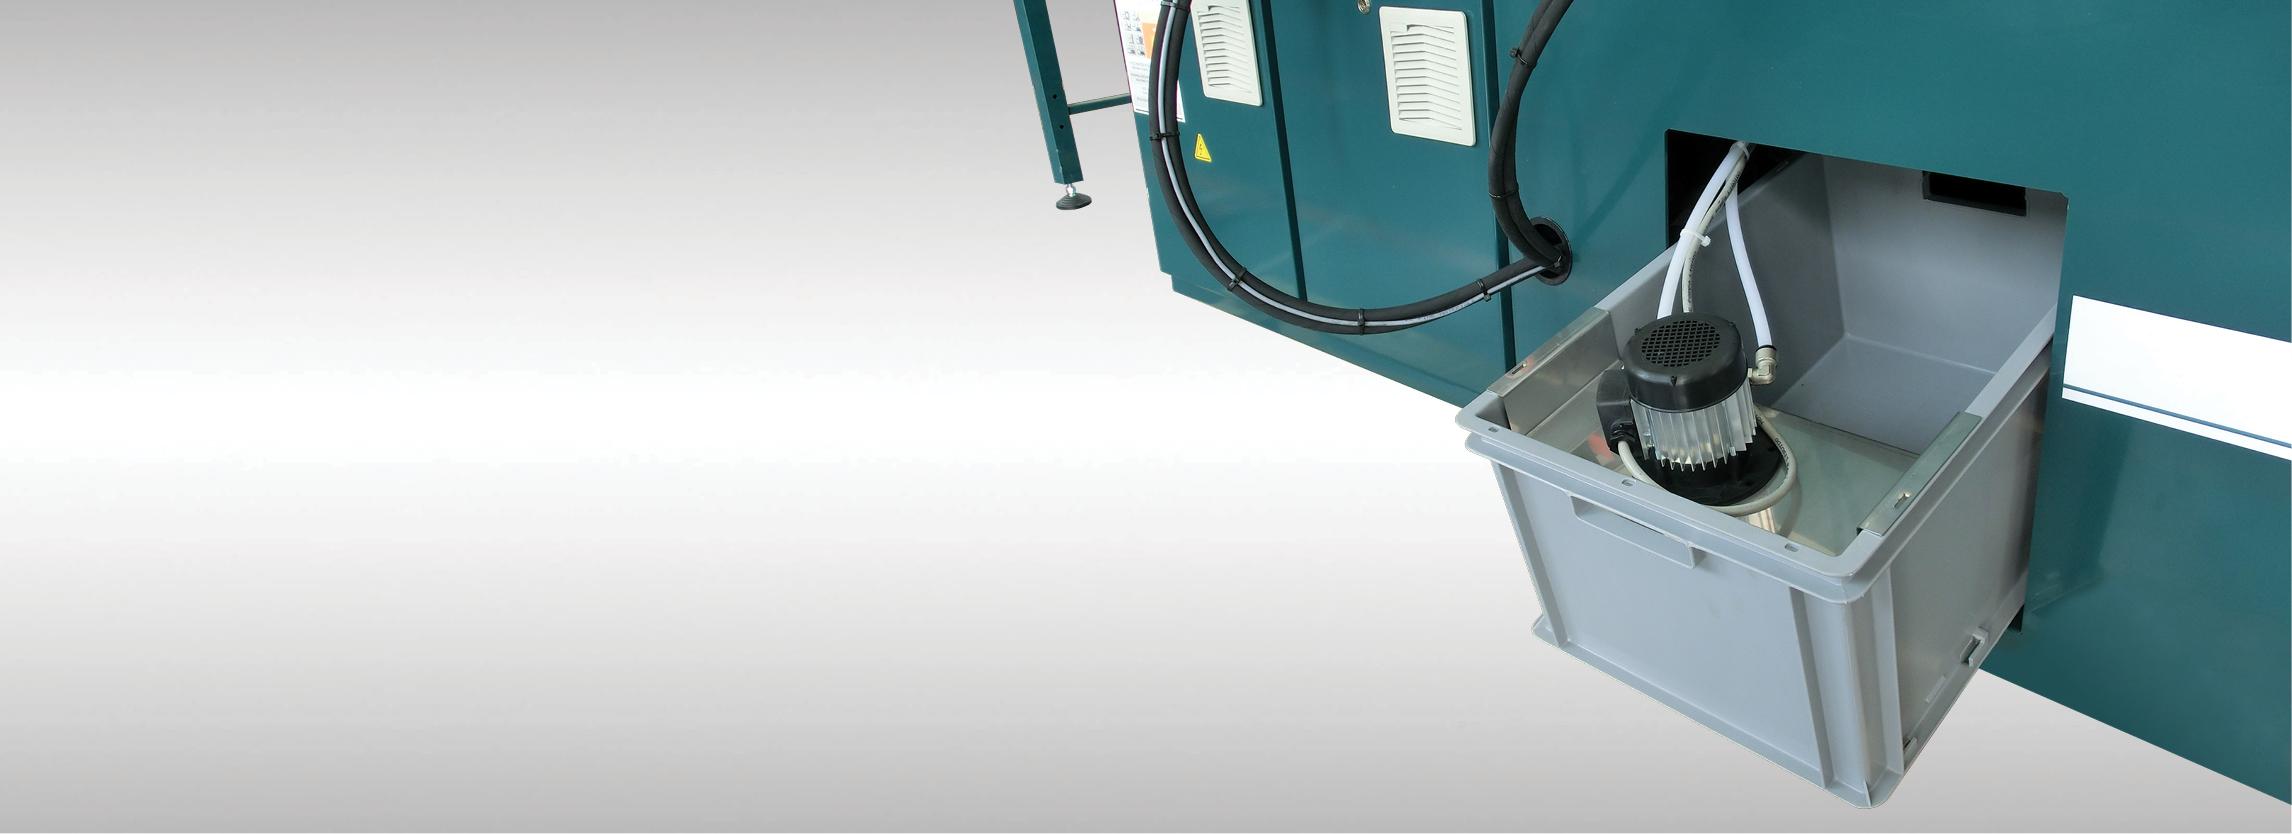 Carif 320 BA CNC slide 09